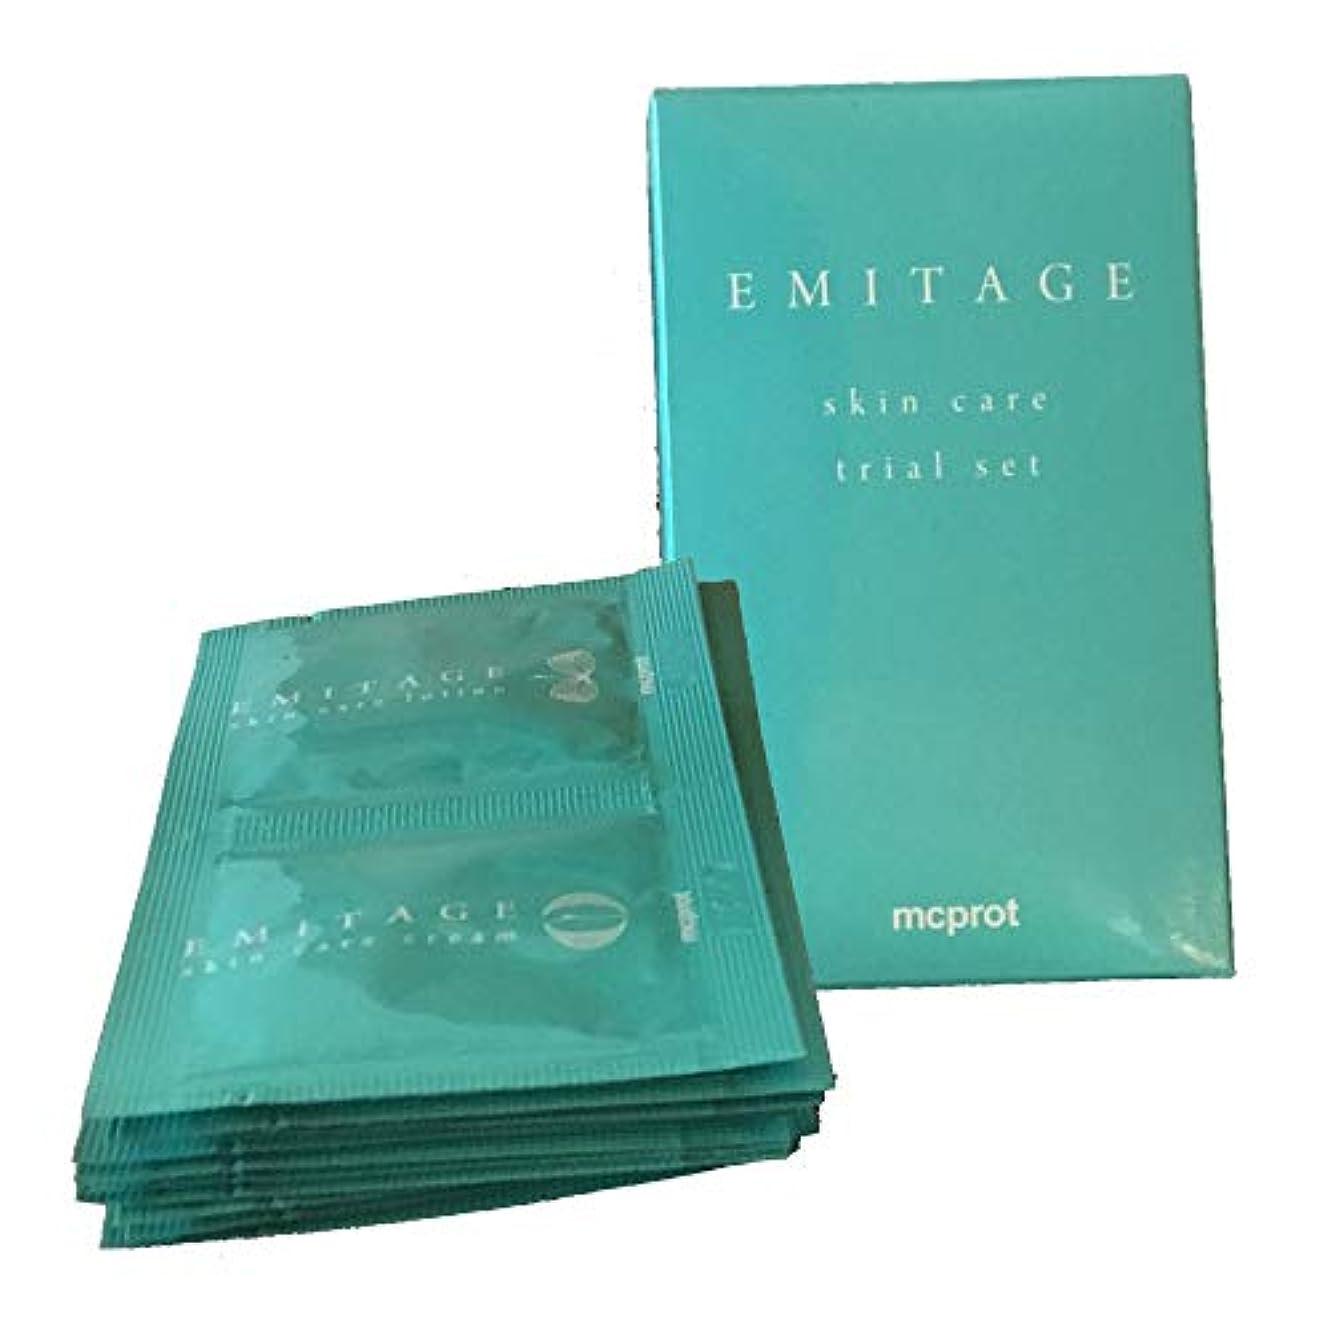 敬意を表するうなる舌Emitage(エミテイジ) 肌への思いやり ローション&クリーム トライアルセット